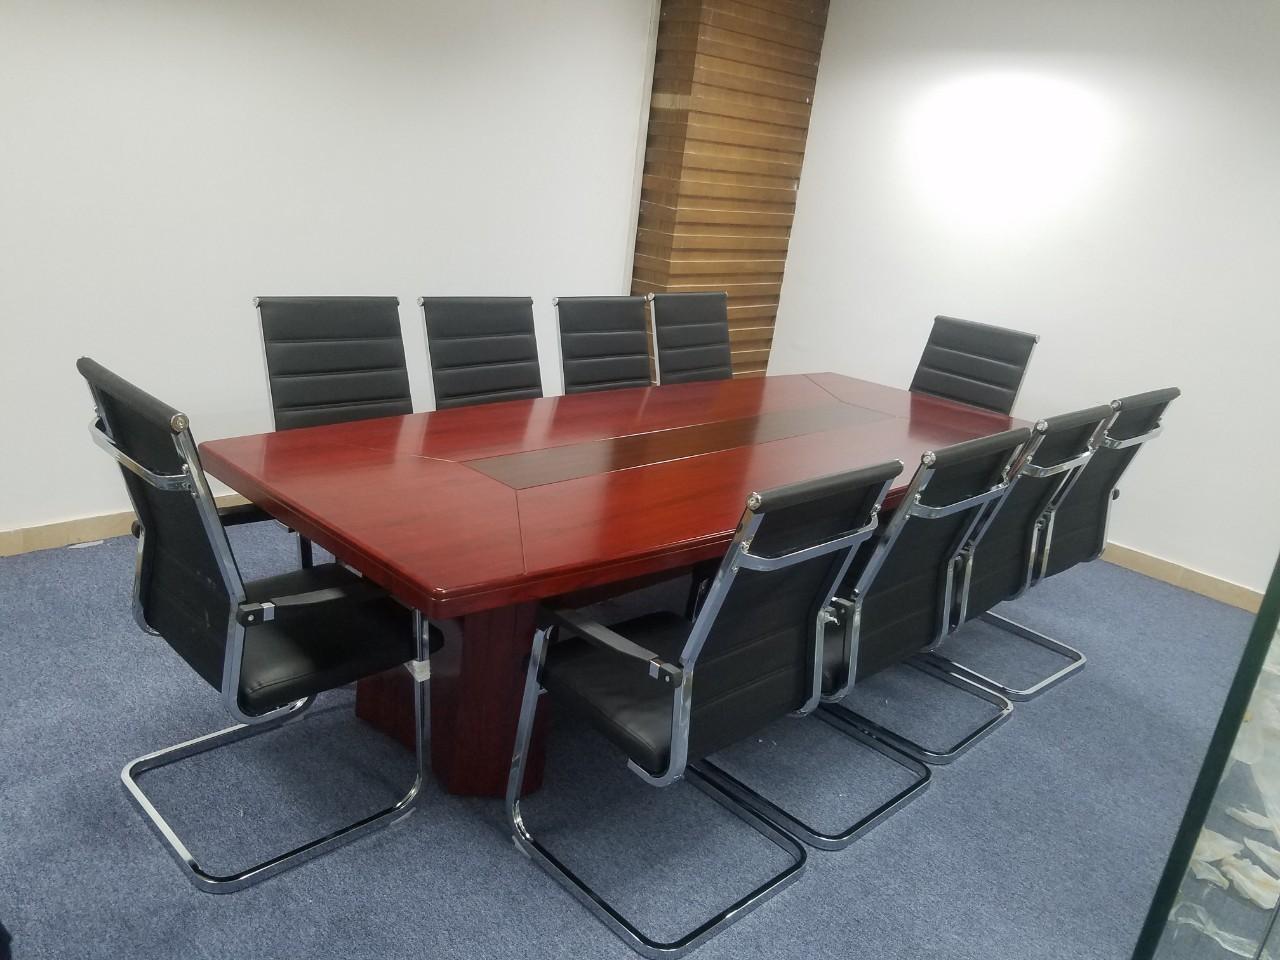 Cho thuê bàn ghế sự kiện - Luxtour 2